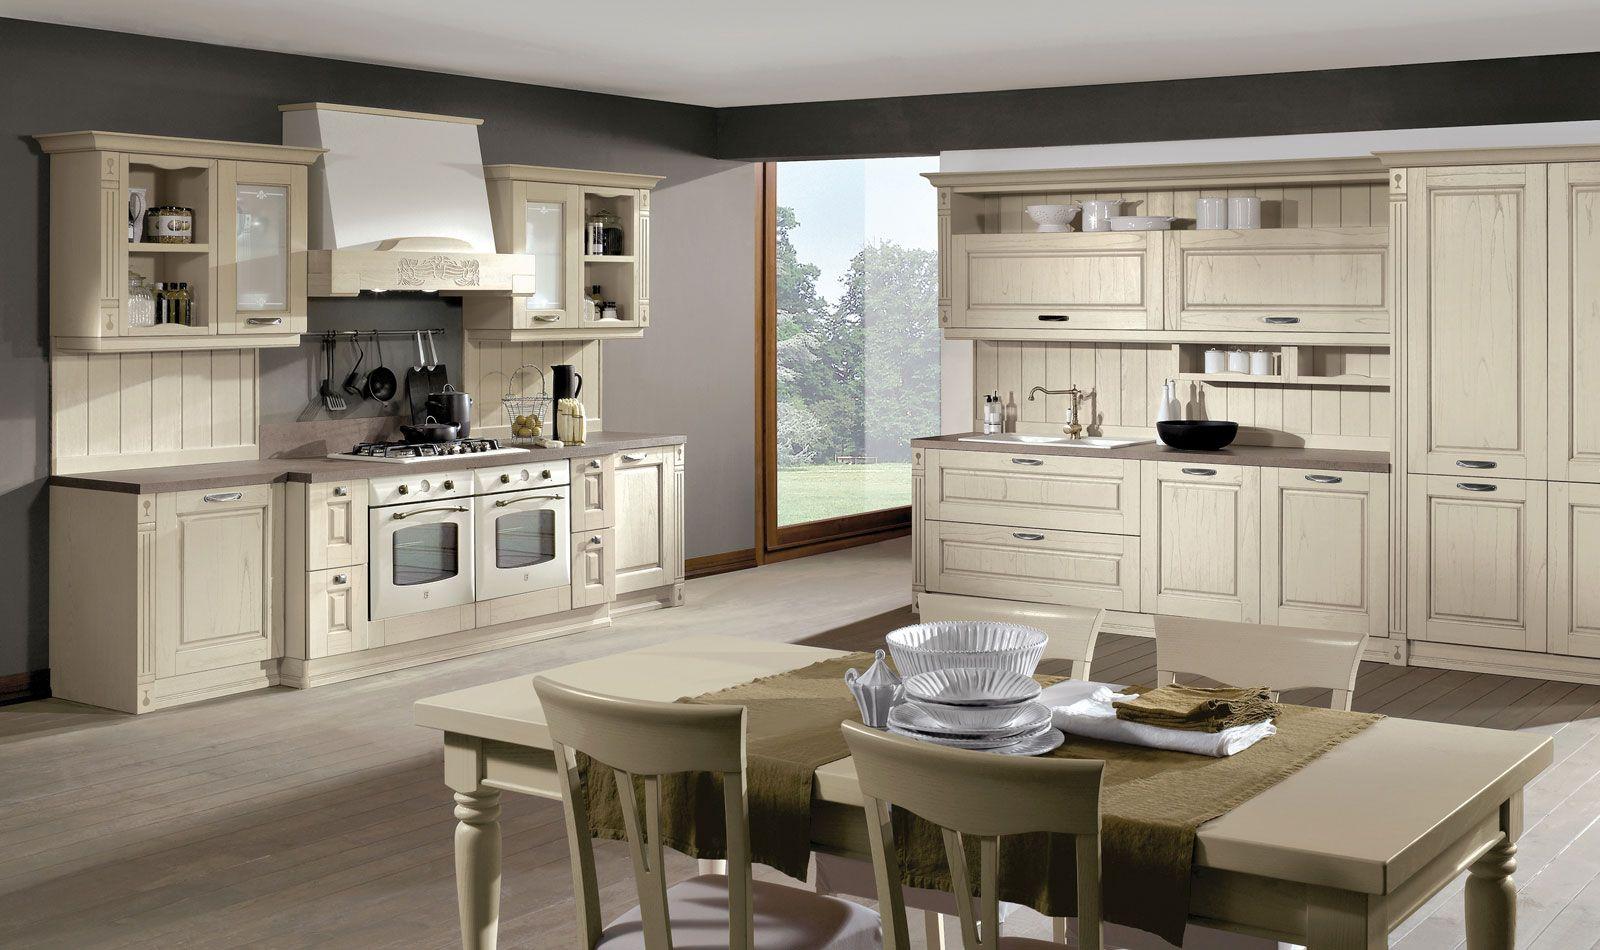 Arredo 3 Prezzi Cucine arredo3: cucine moderne, cucine classiche, cucina, cucine